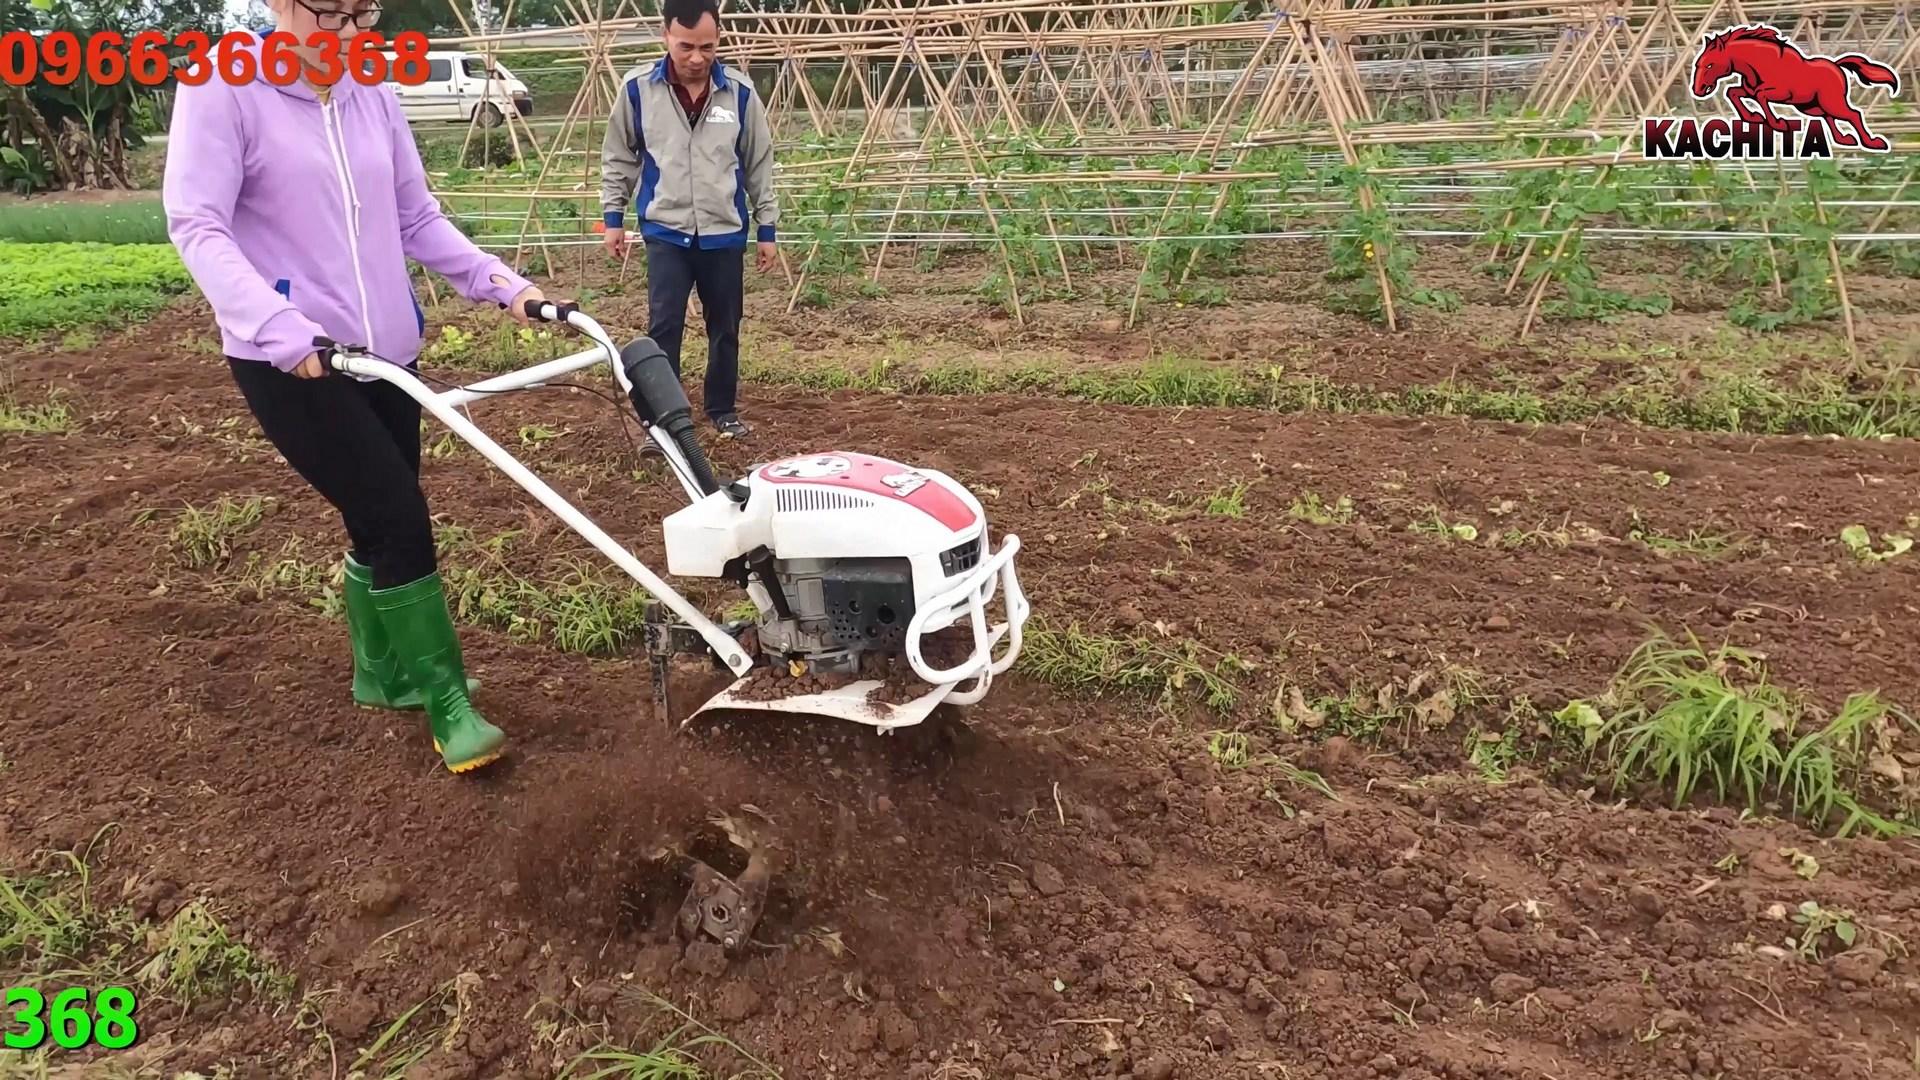 Xới vườn rau bằng máy xới đất kachita 3tgq2